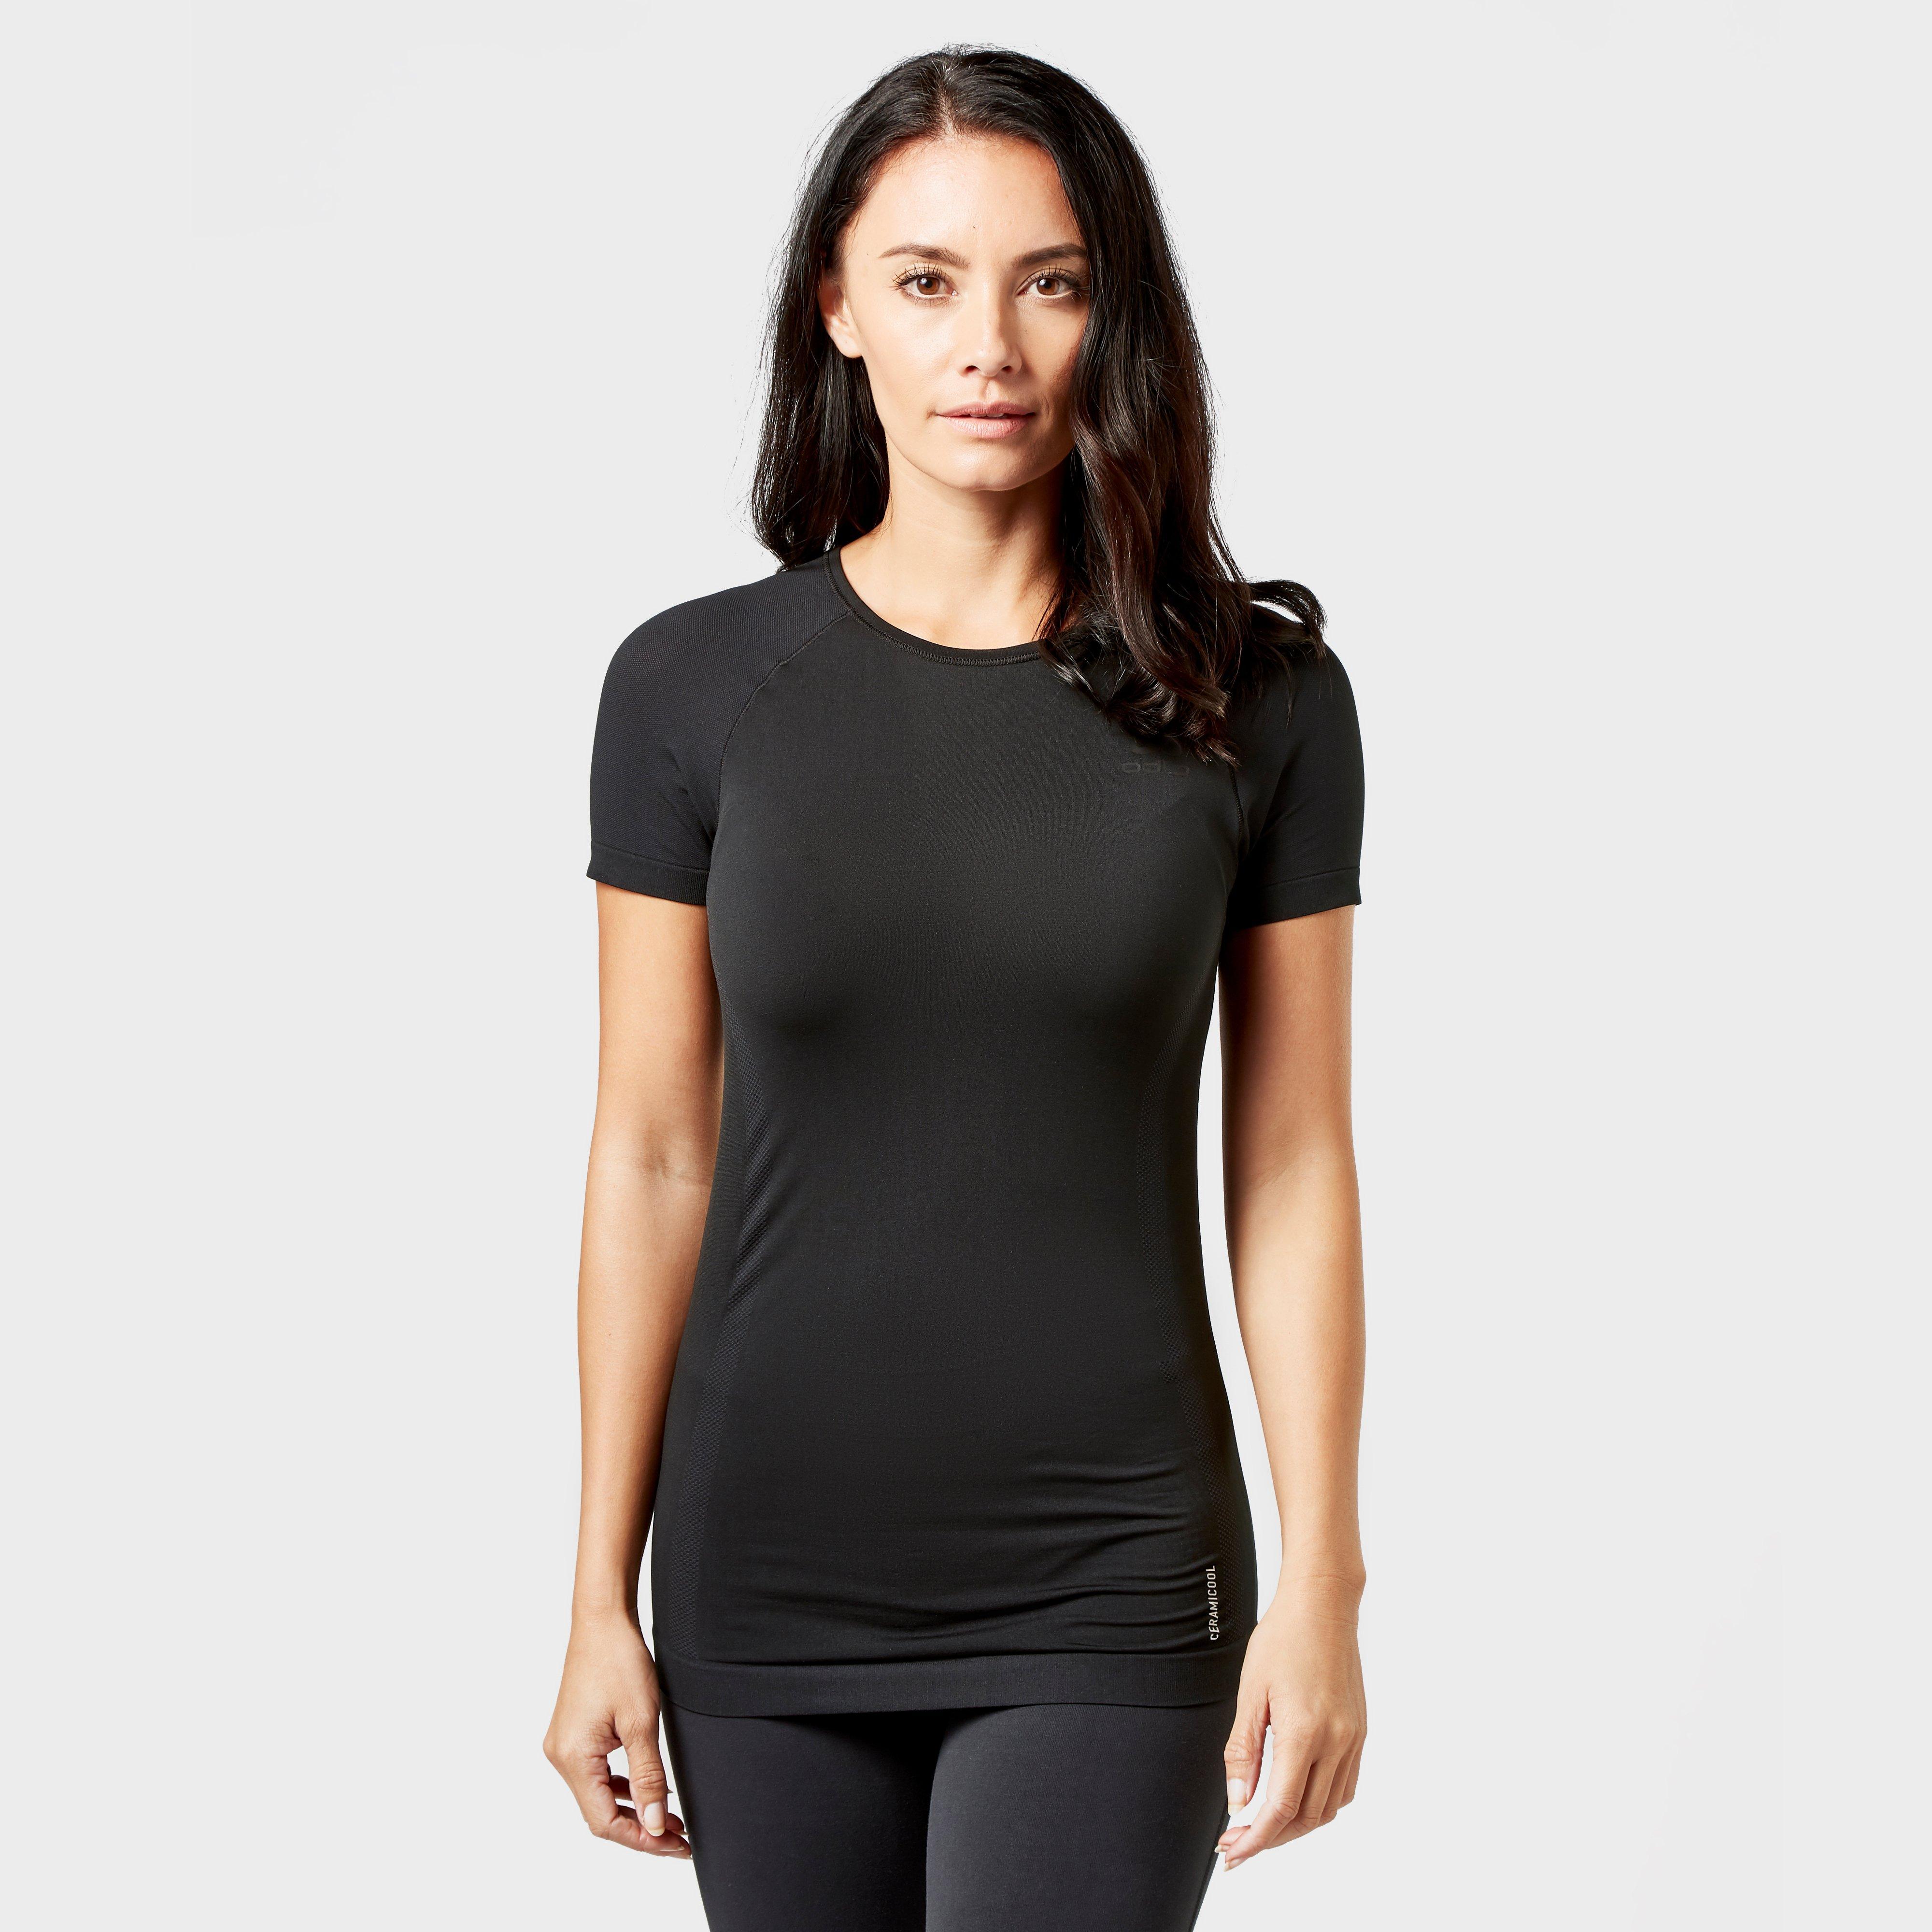 Odlo Odlo Womens Performance X-Light T-Shirt - Black, Black